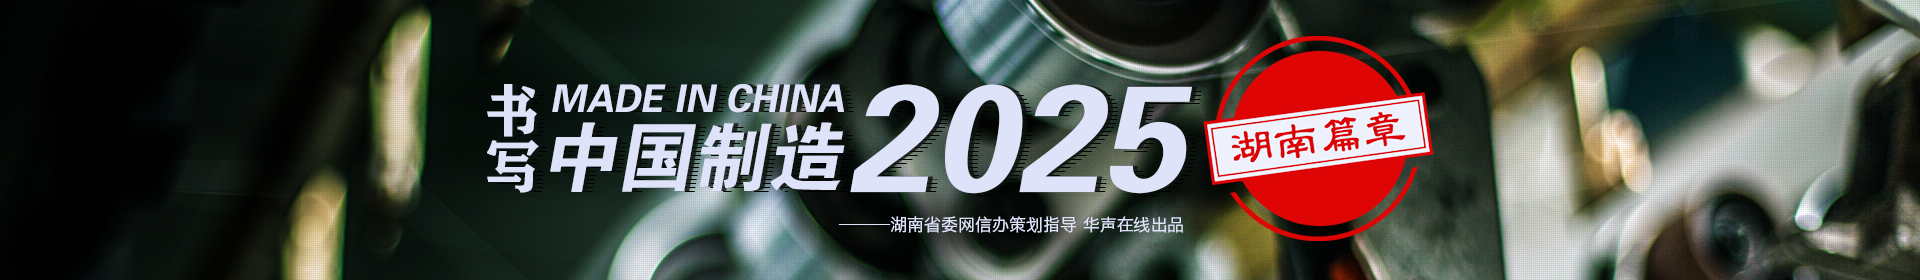 书写《中国制造2025》湖南篇章